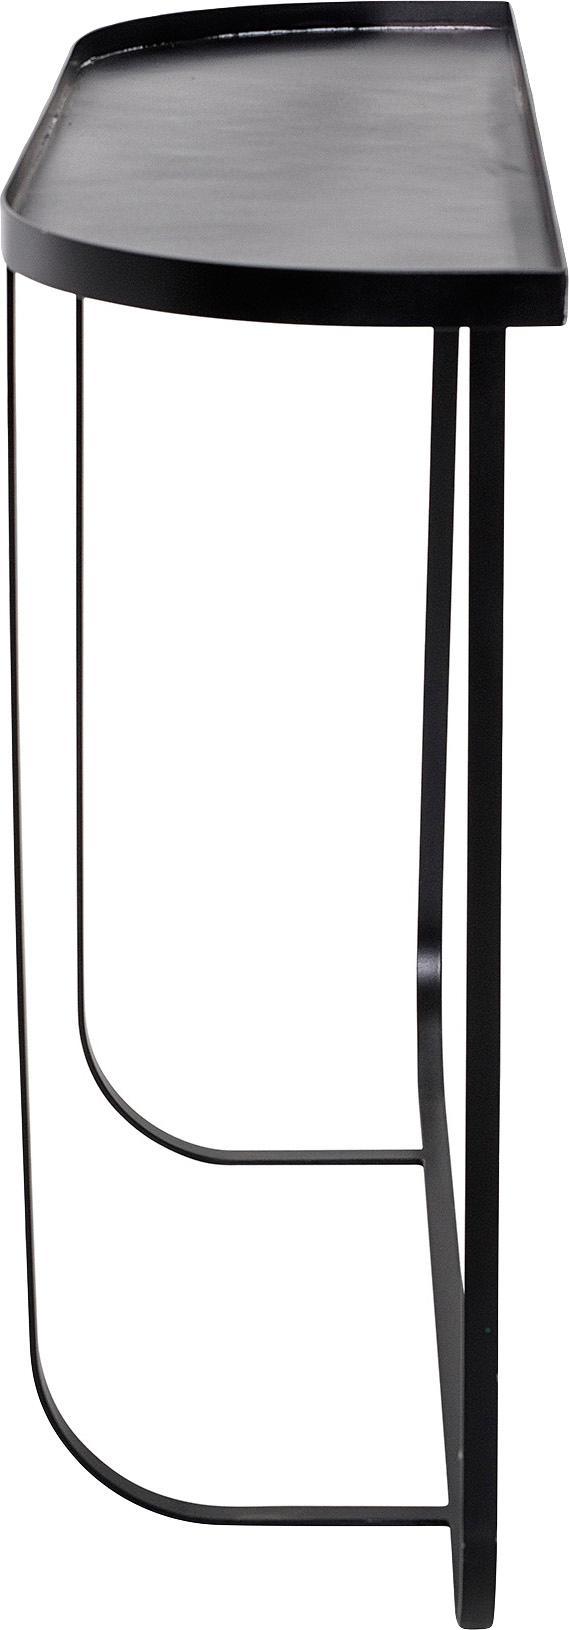 Konsole Harper aus Metall, Metall, pulverbeschichtet, Schwarz, B 100 x T 30 cm